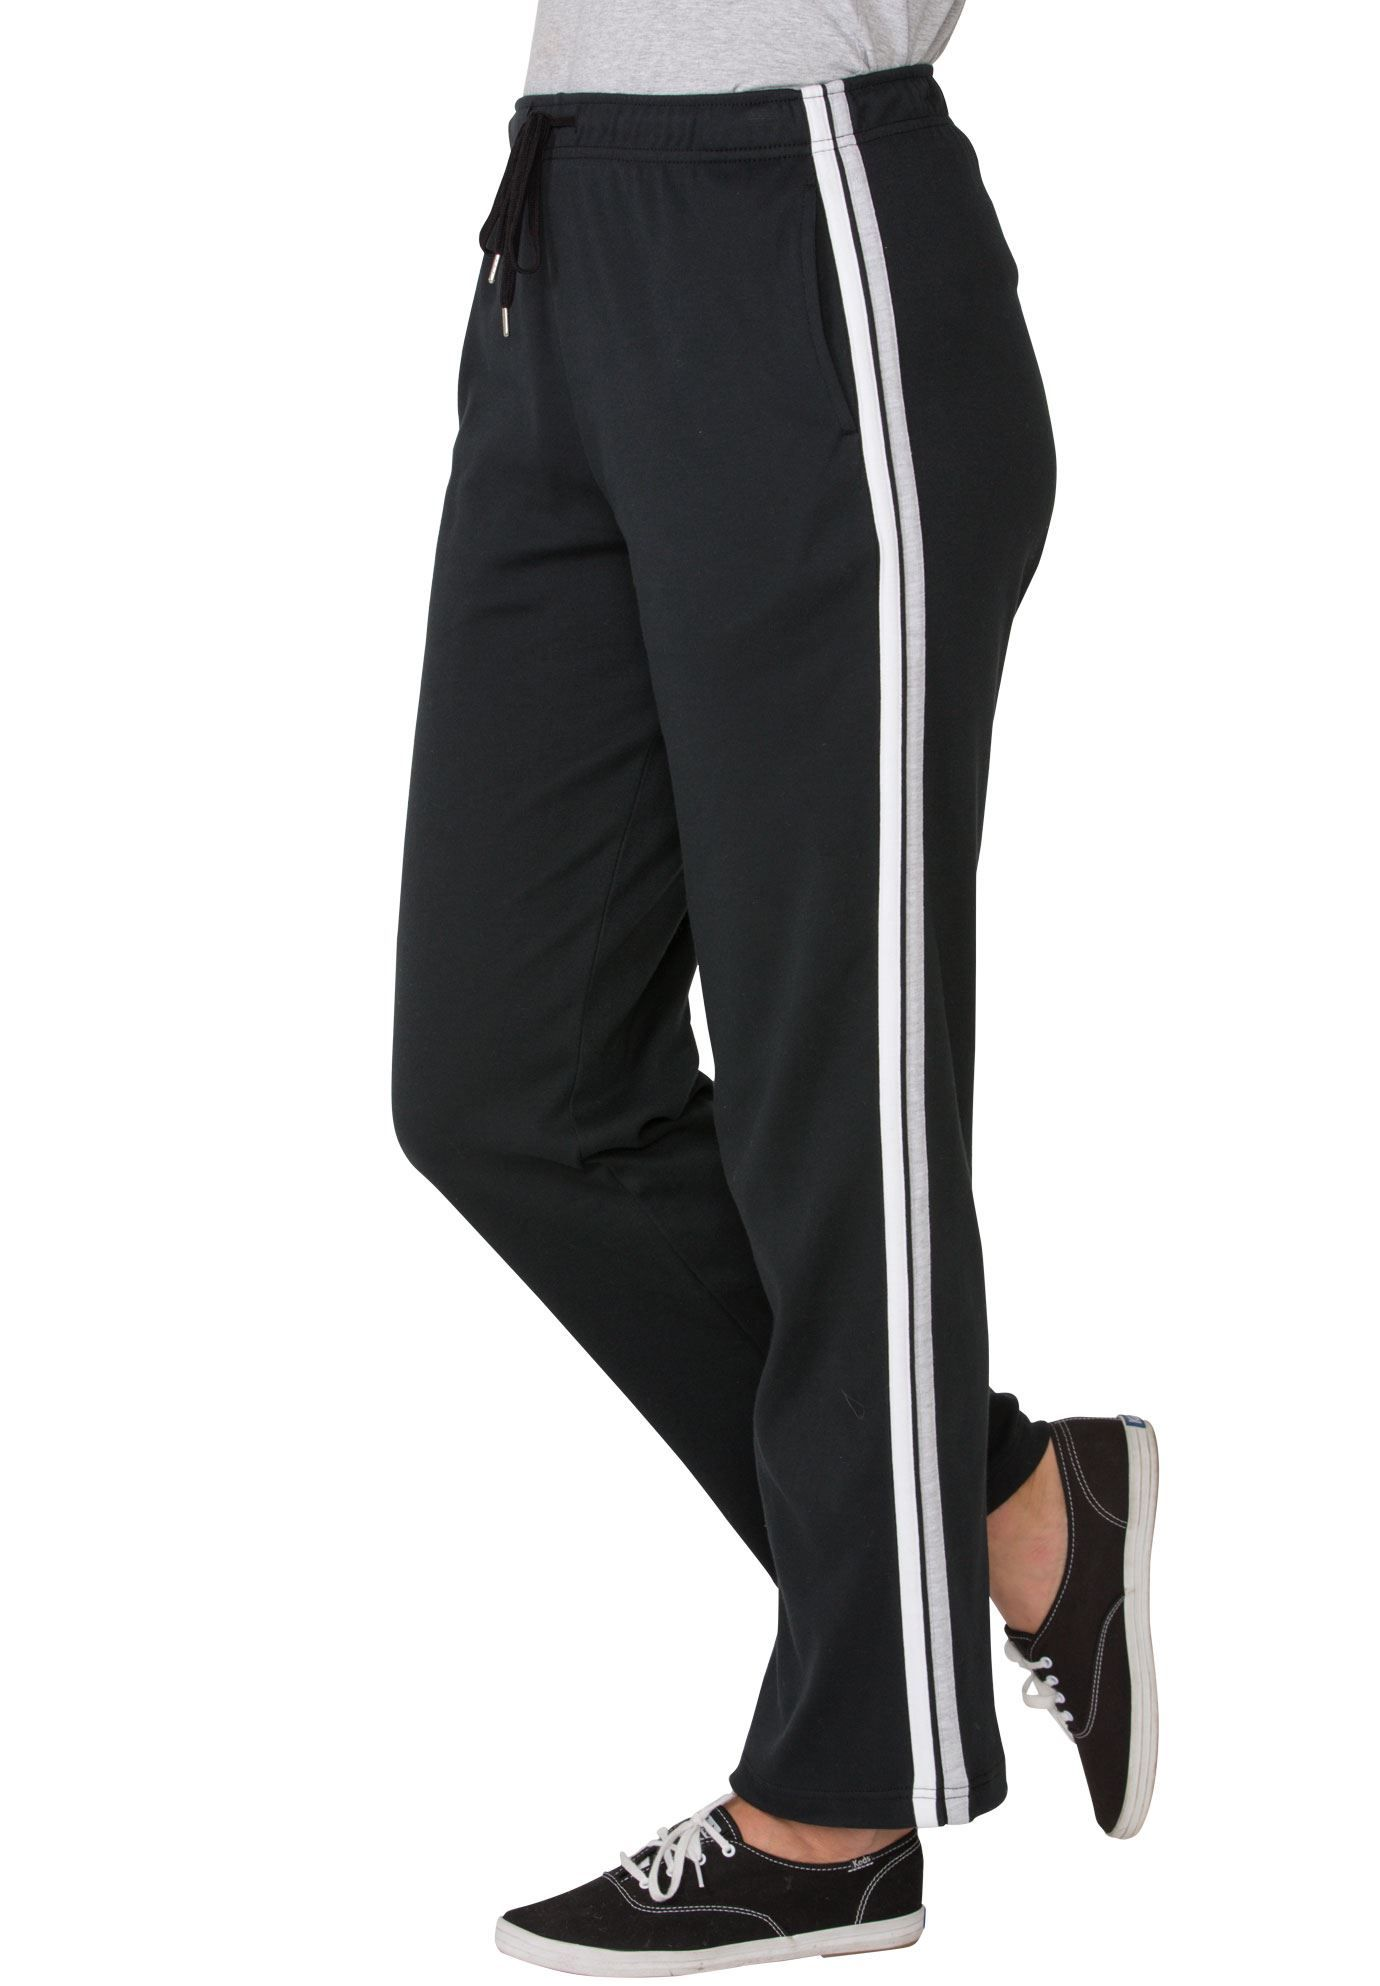 Tall Sport Dresses